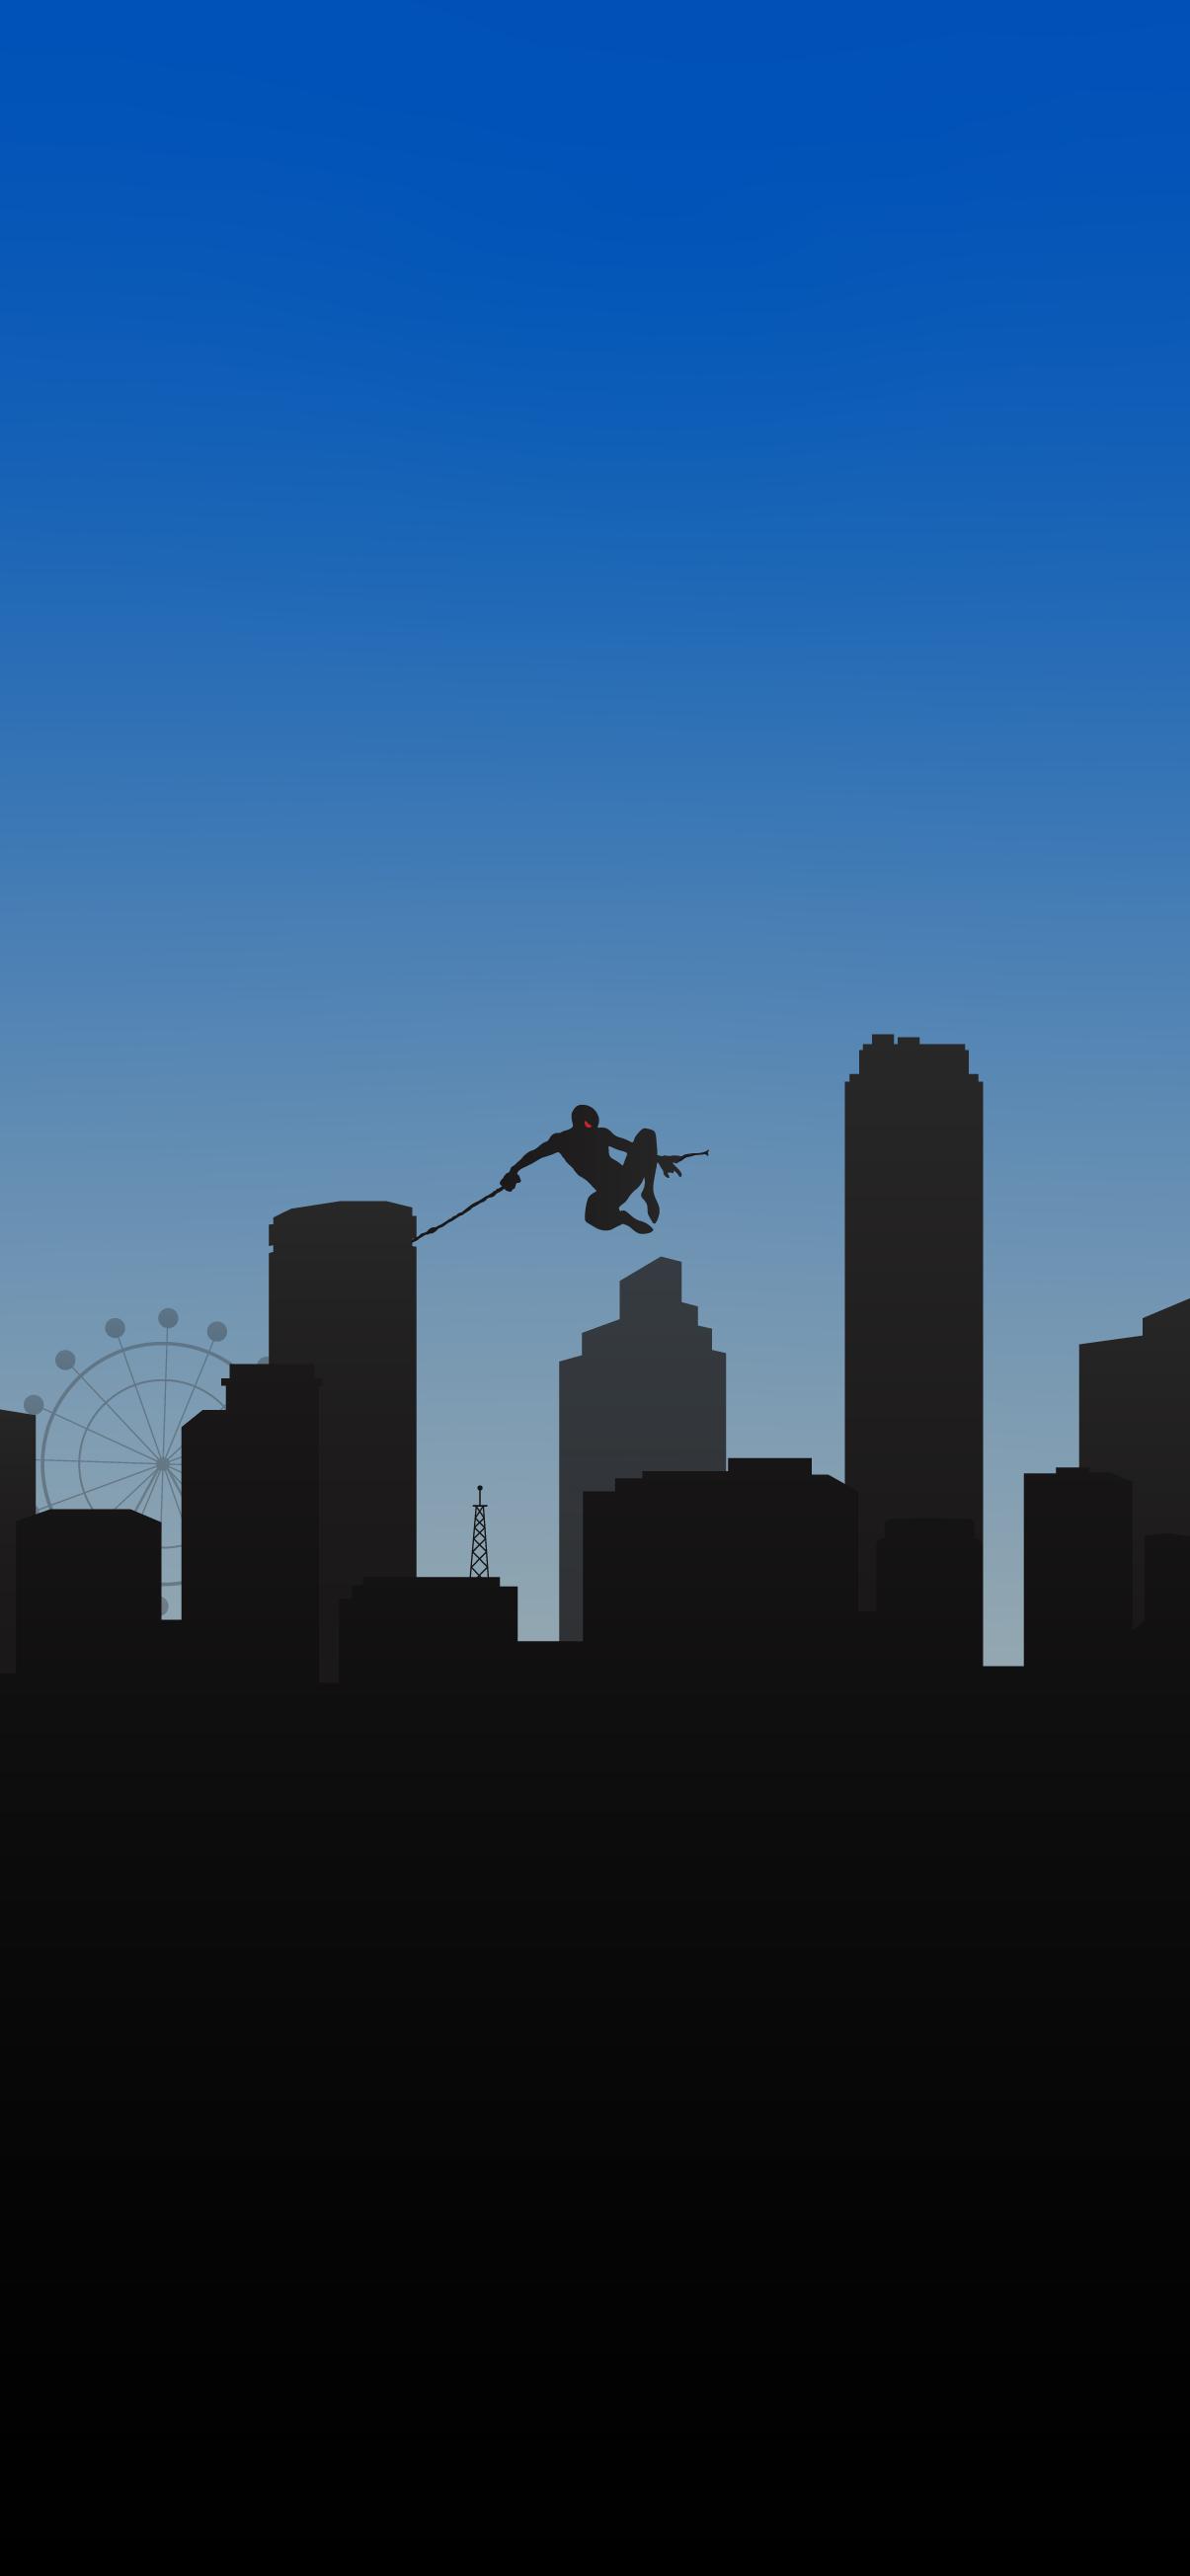 spider man minimalist wallpaper